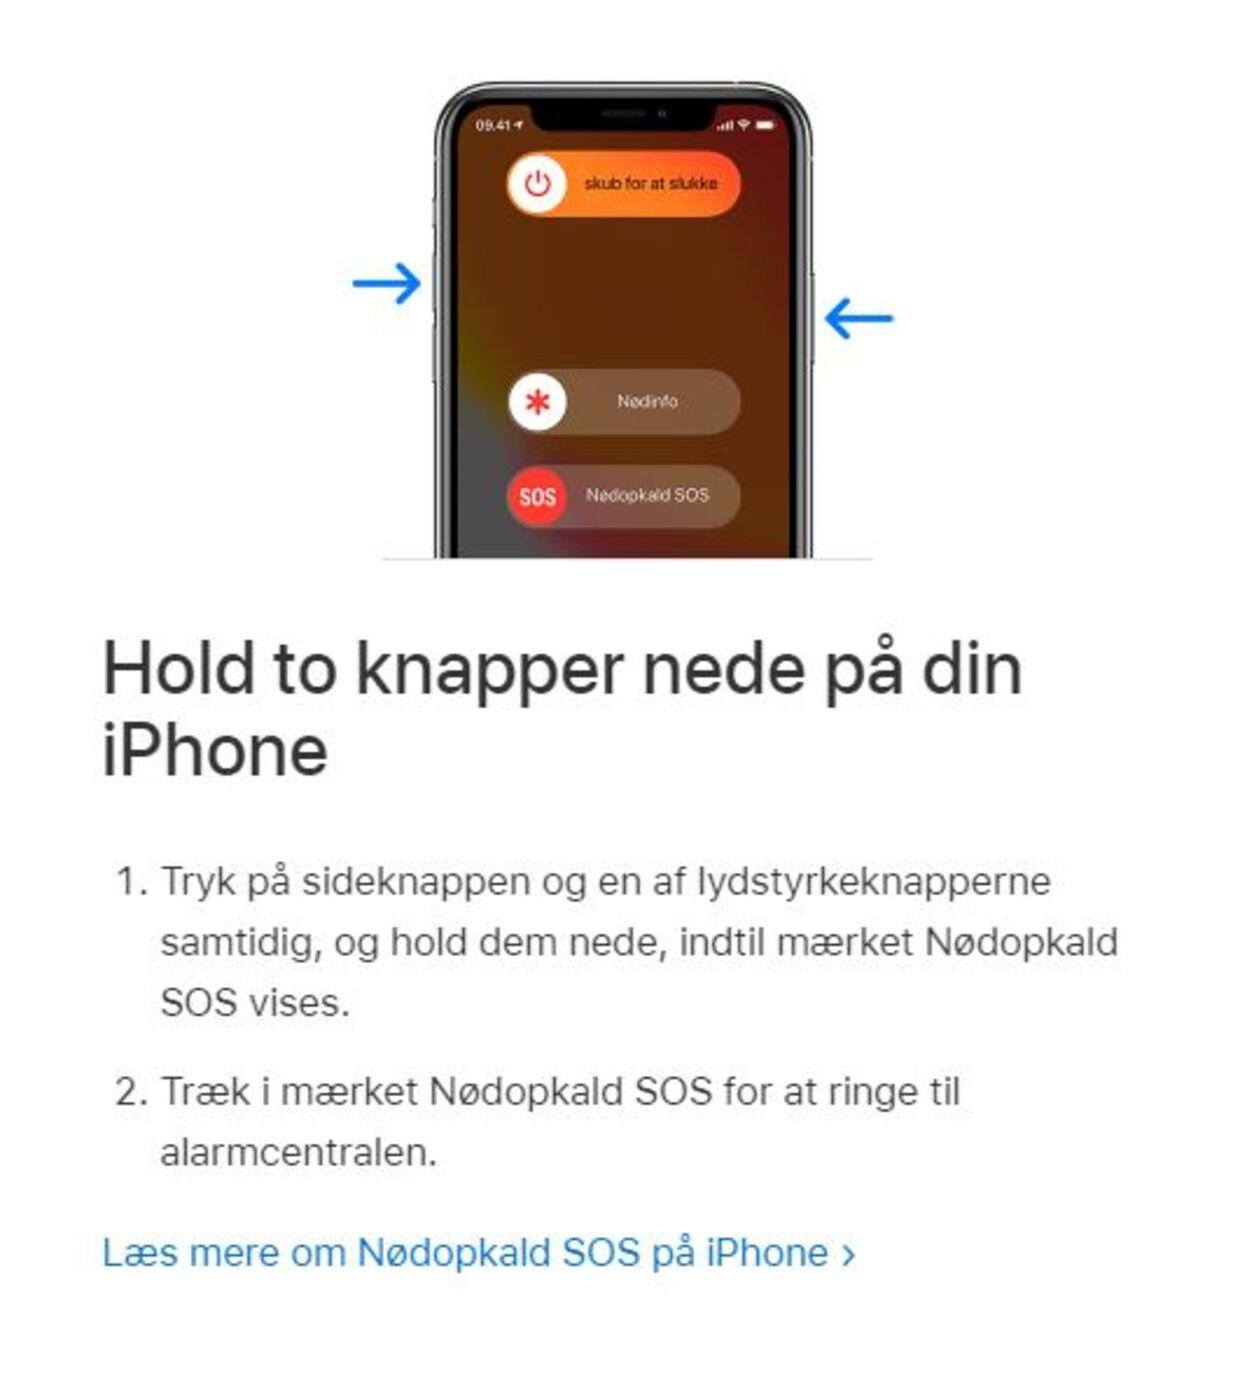 Sådan ringer din iPhone 112, når den for eksempel blive trykket i tasken eller bukselommen.